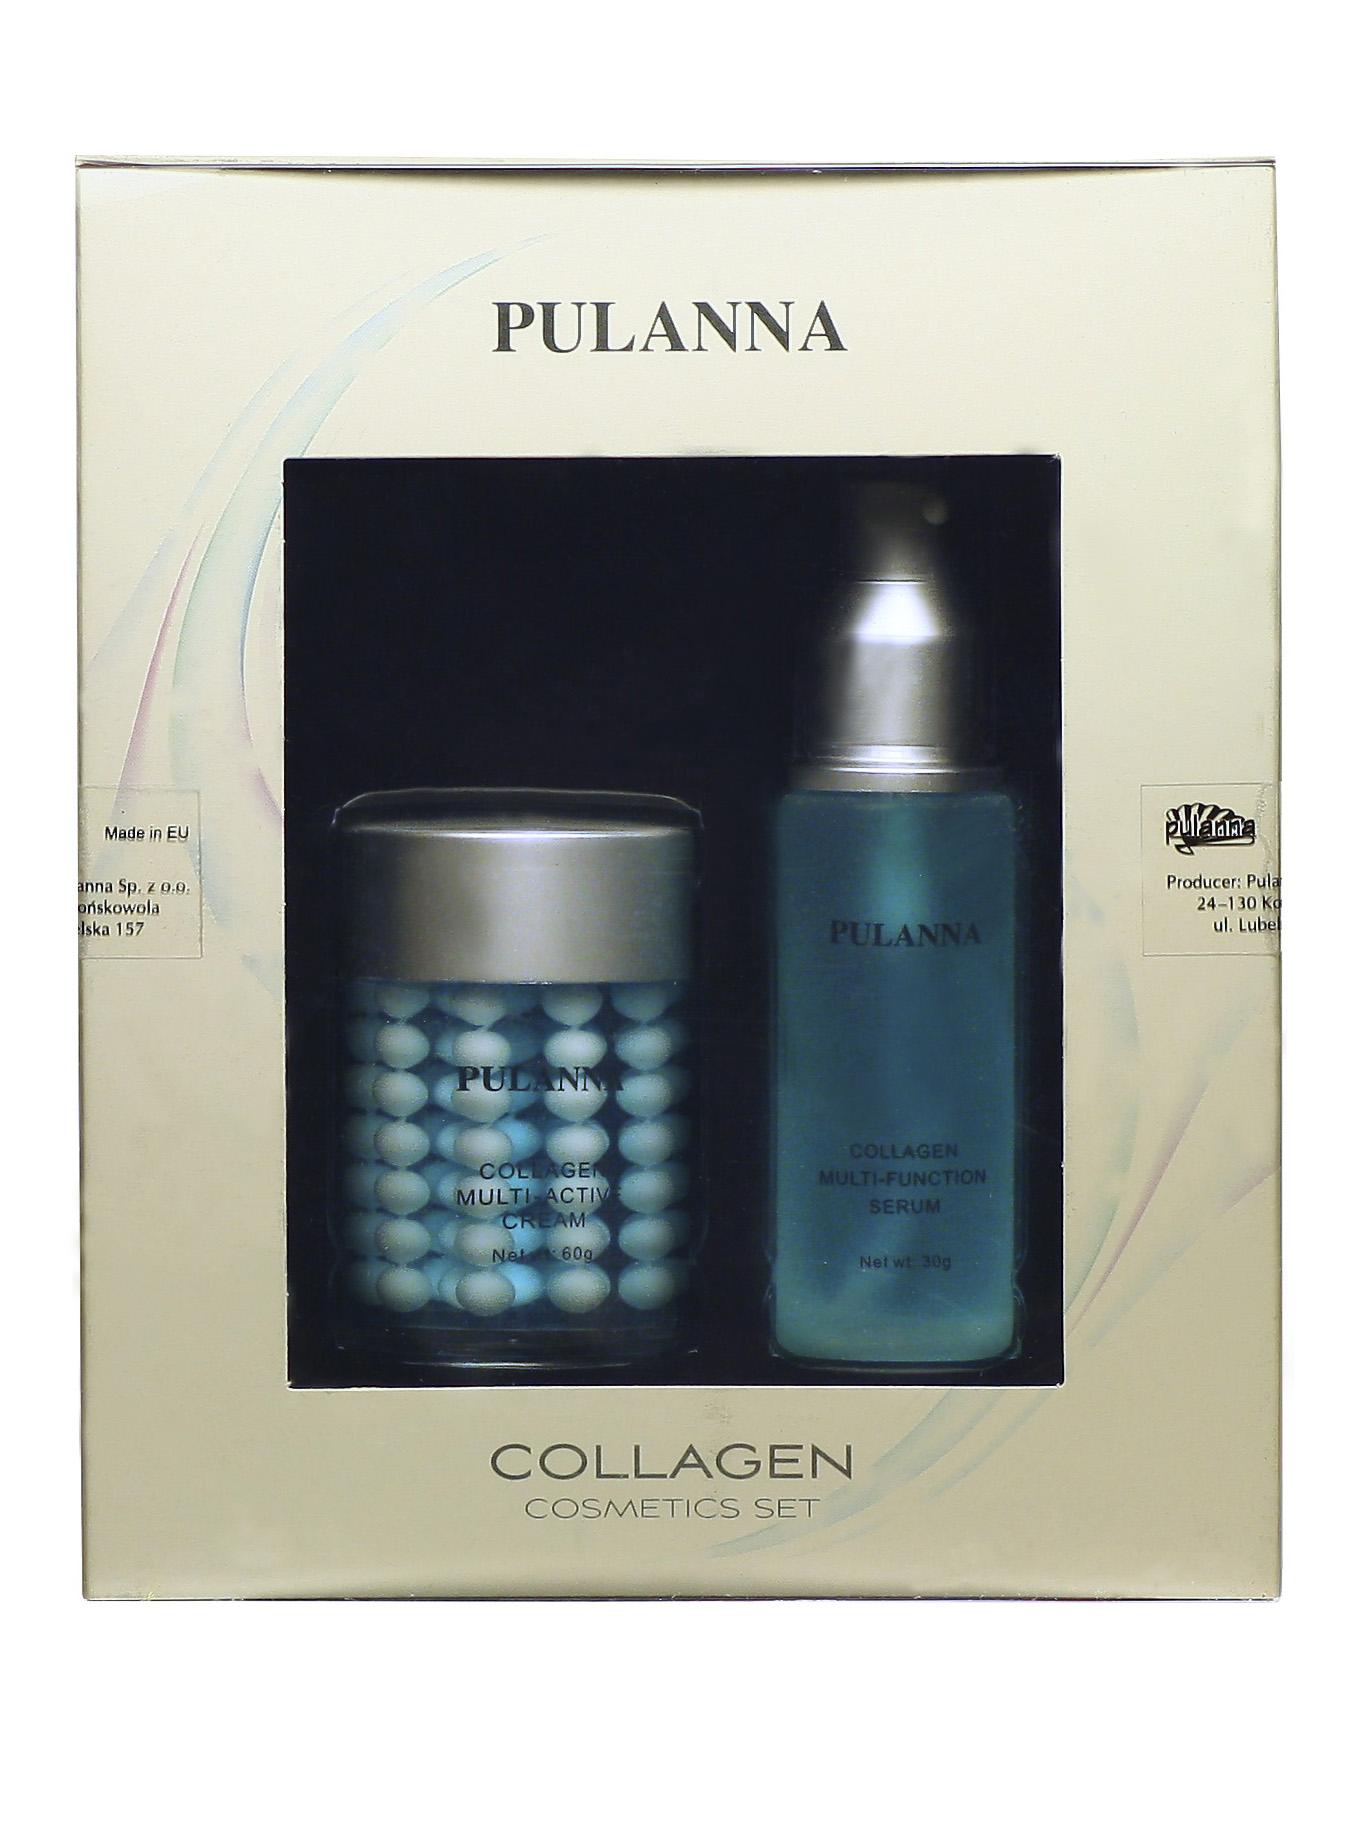 Для лица pulanna подарочный набор -collagen cosmetics set (2 пр) 5931 - купить с доставкой по москве и россии. фото, цена, отзыв.